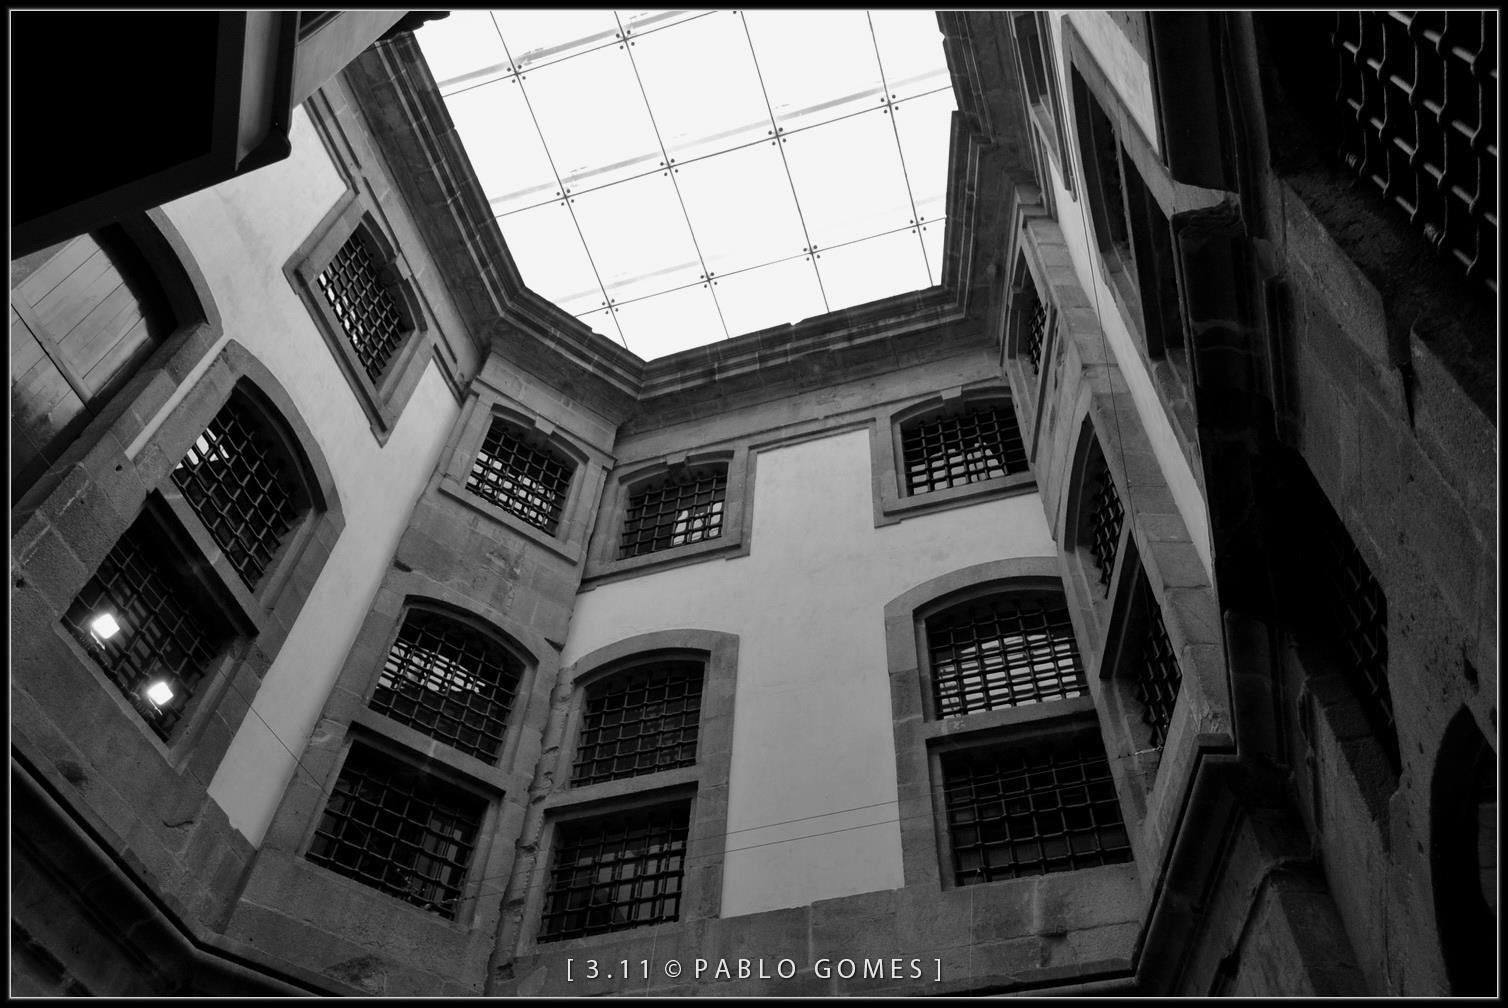 Antiga Cadeia da Relação / Antigua Carcel de la Relación / Former Jail of the Relation [2011 - Porto / Oporto - Portugal] #fotografia #fotografias #photography #foto #fotos #photo #photos #local #locais #locals #edificio #cidade #cidades #ciudad #ciudades #city #cities #europa #europe #arquitectura #architecture #historia #historic #cadeia #cadeias #carcel #carceles #jail #jails #centroportuguesfotografia #baixa #baja #downtown @Visit Portugal @ePortugal @WeBook Porto @OPORTO COOL @Oporto…